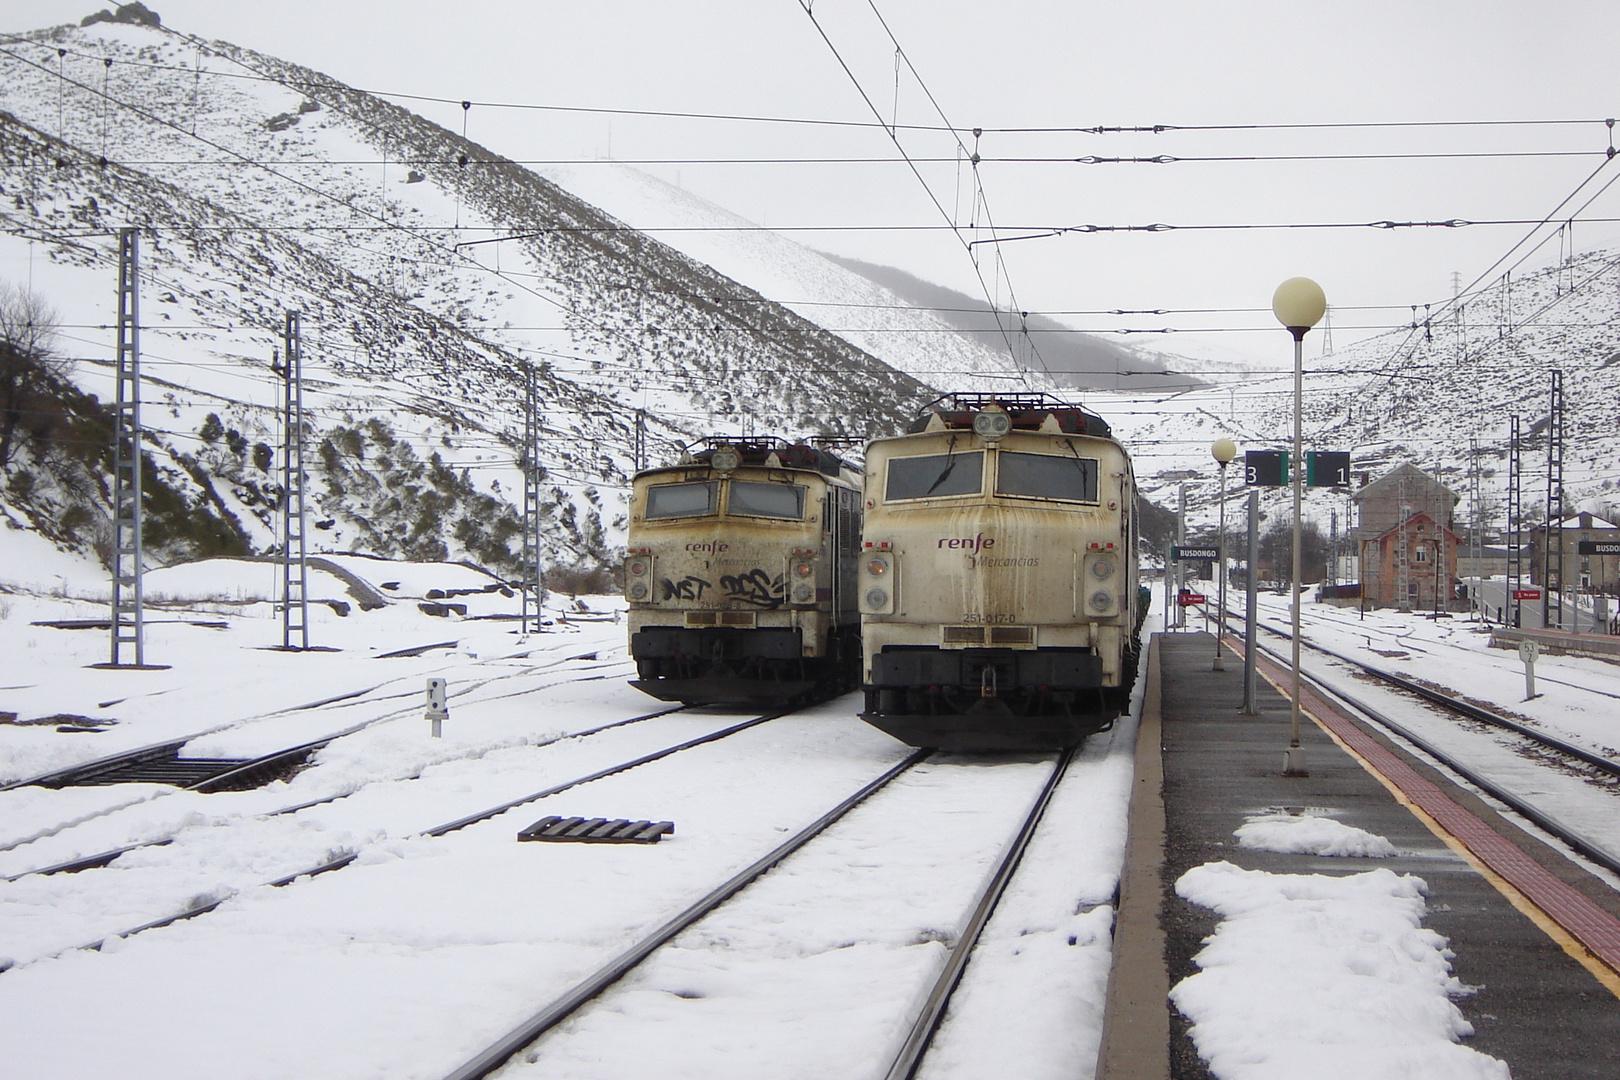 Busdongo railway station, Pajares pass; Northern Spain.